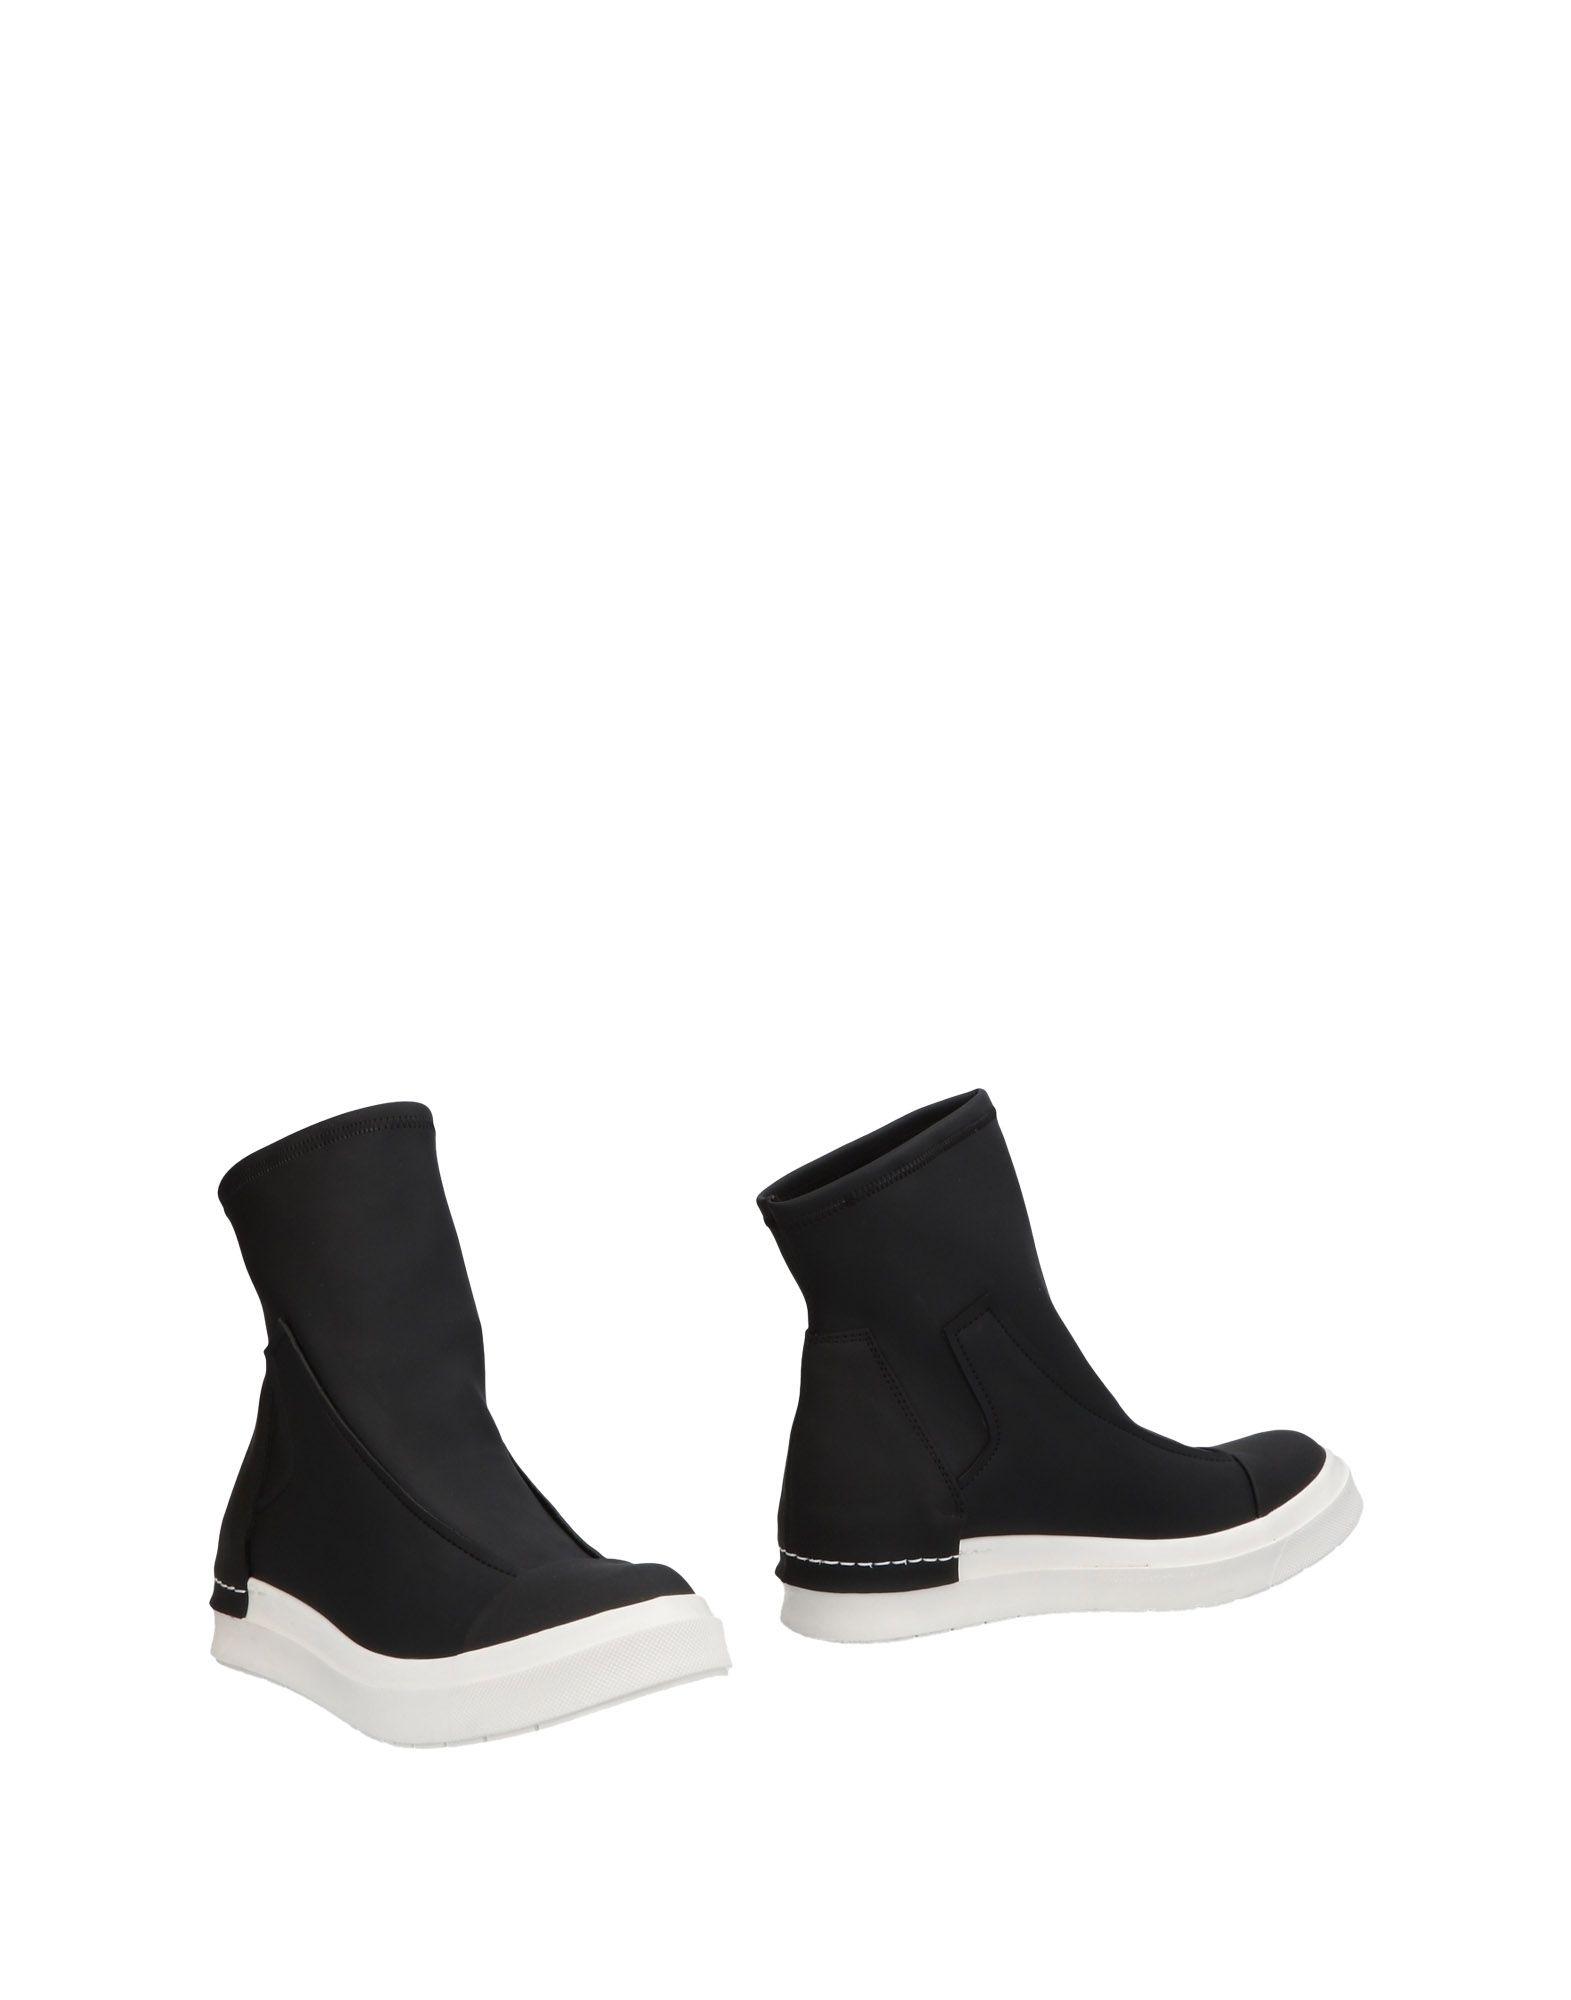 Rabatt Schuhe  Cinzia Araia Stiefelette Damen  Schuhe 11493868VB 535e88